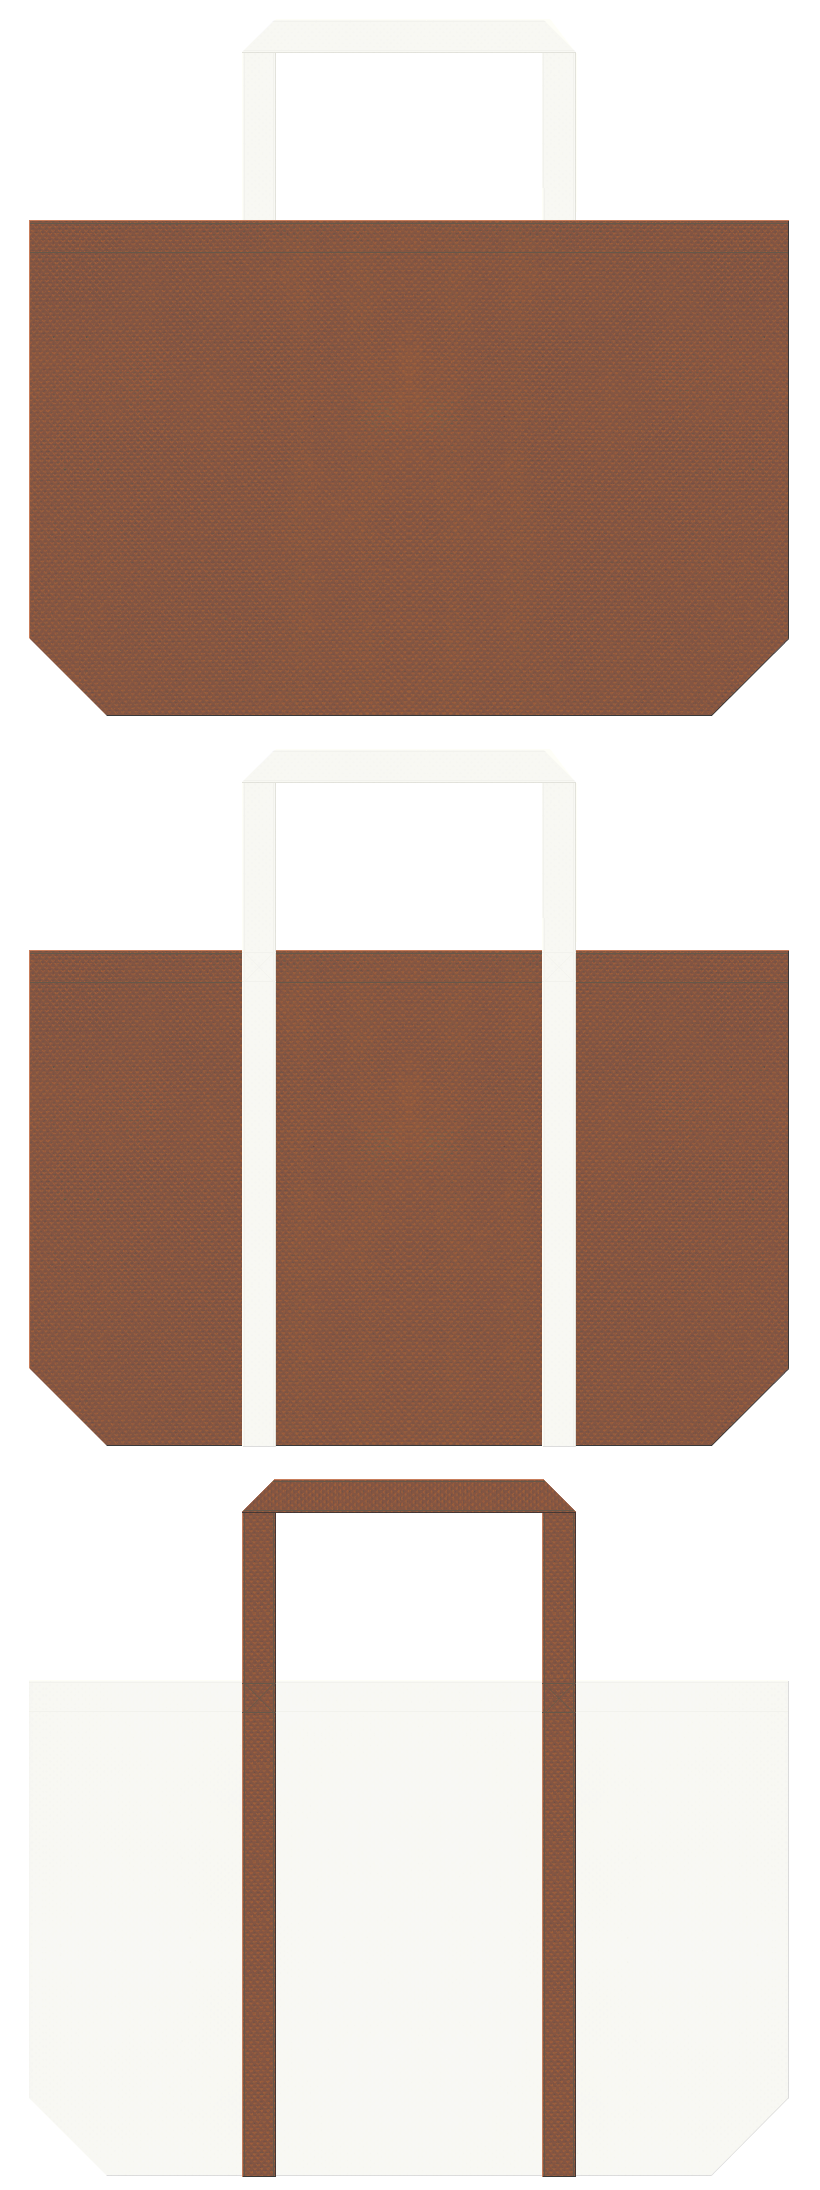 琴・三味線・ココナッツオイル・日焼け止め・ココナッツミルク・乳製品・牧場・ミルクチョコレート・ロールケーキ・和菓子・スイーツ・ベーカリーのショッピングバッグにお奨めの不織布バッグデザイン:茶色とオフホワイト色のコーデ